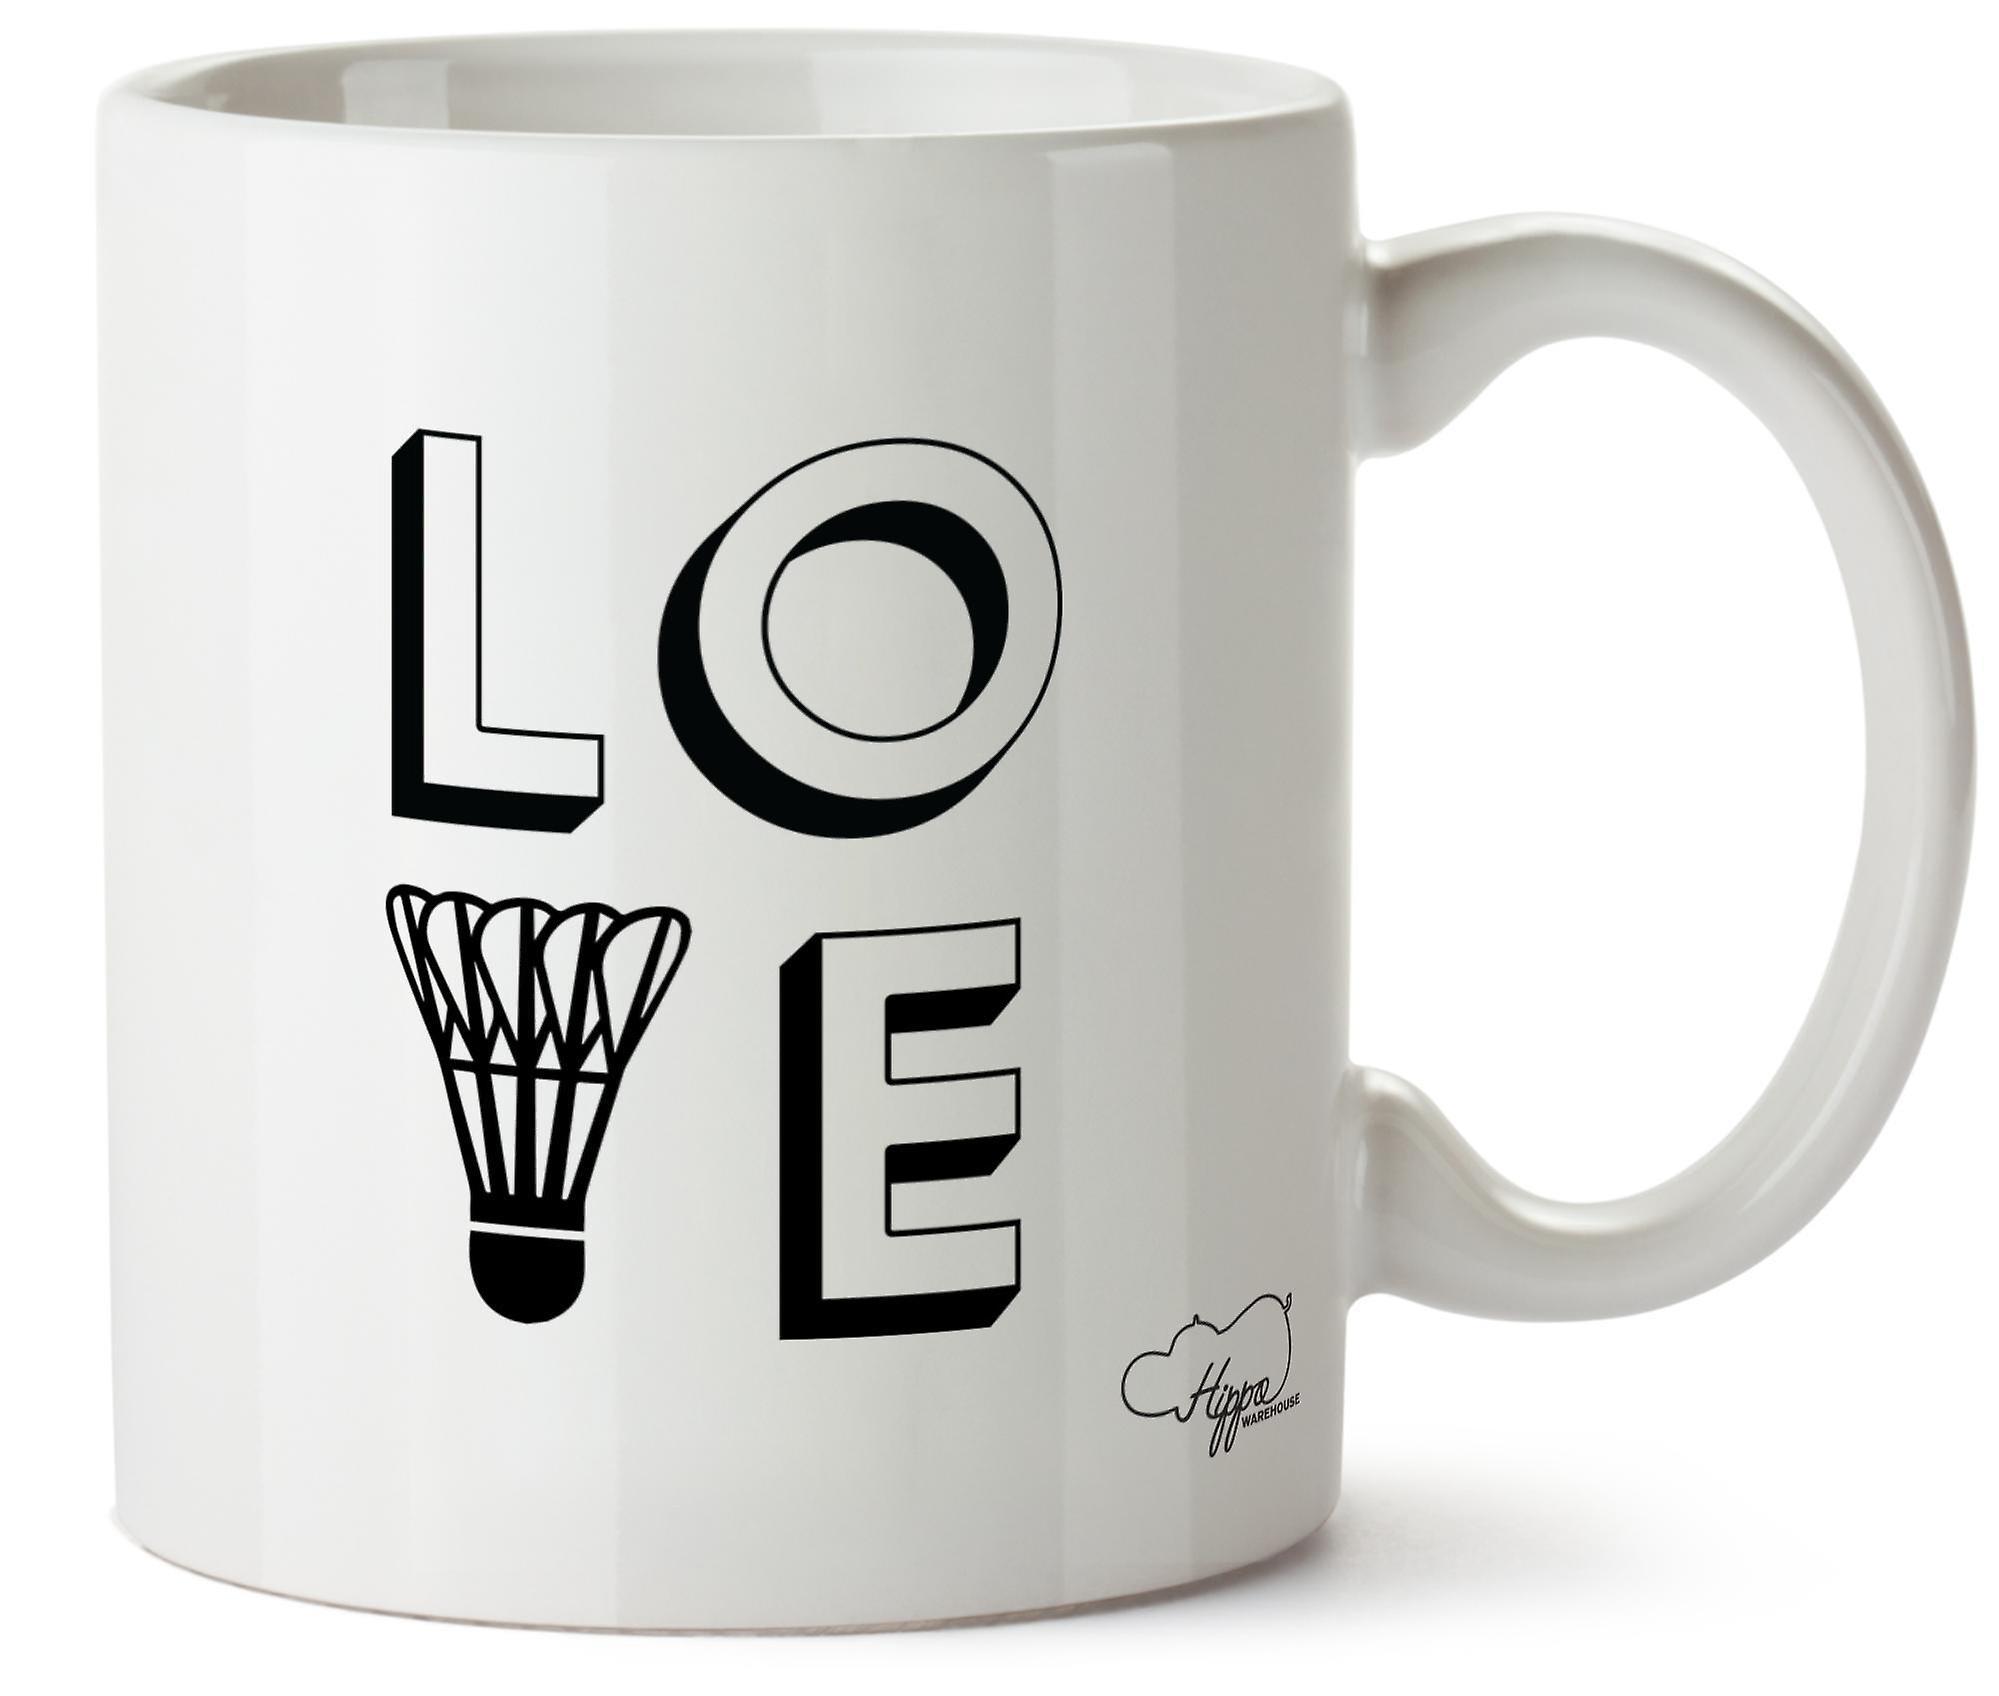 Hippowarehouse Love Badminton Printed Mug Cup Ceramic 10oz